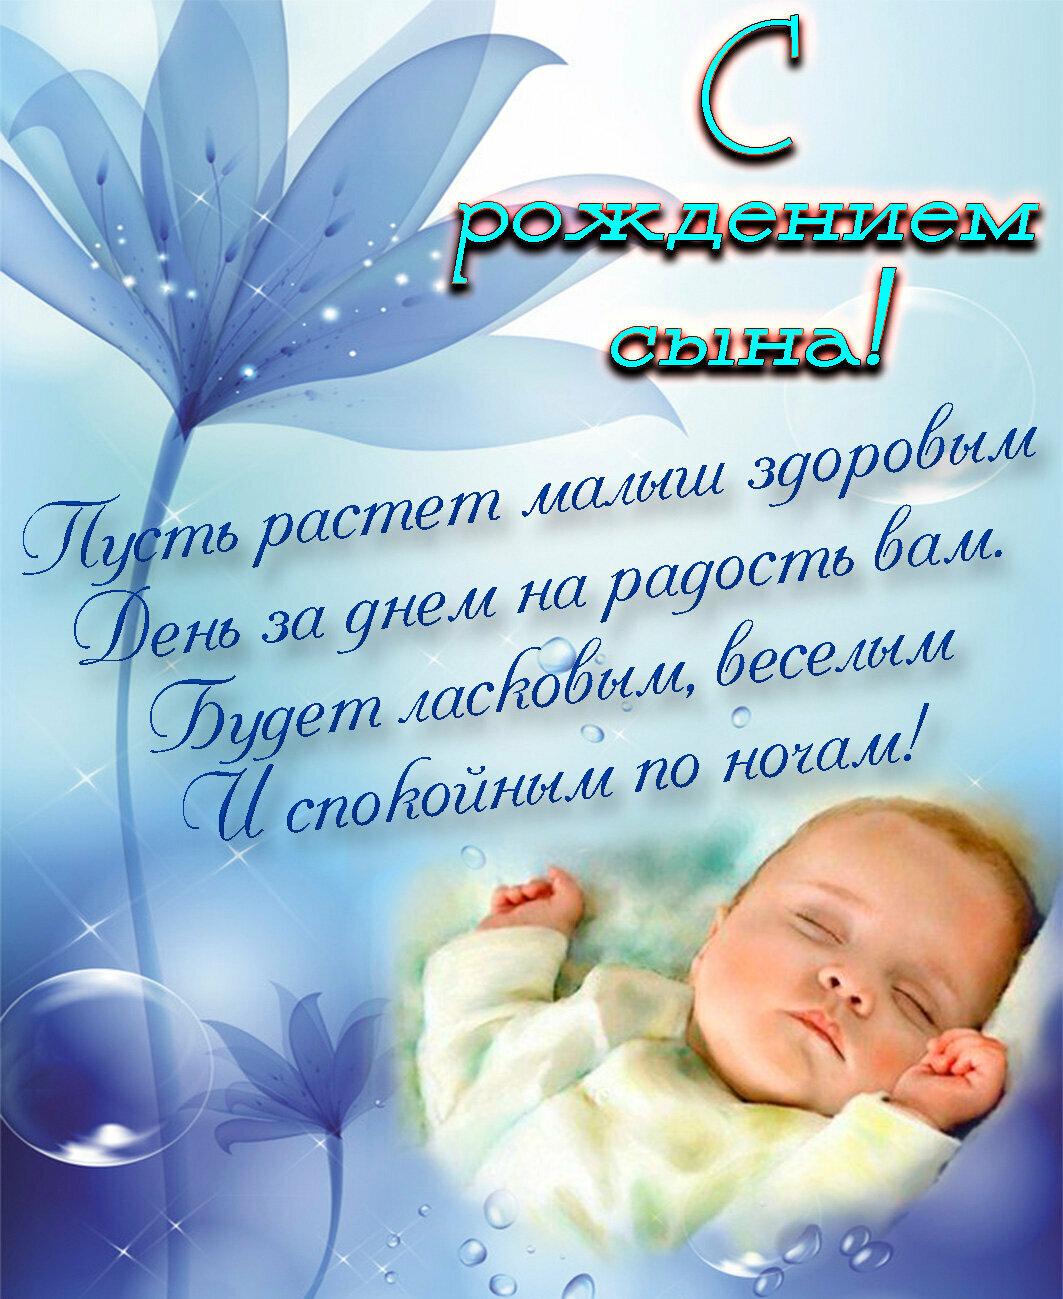 Красивое поздравление младенцу